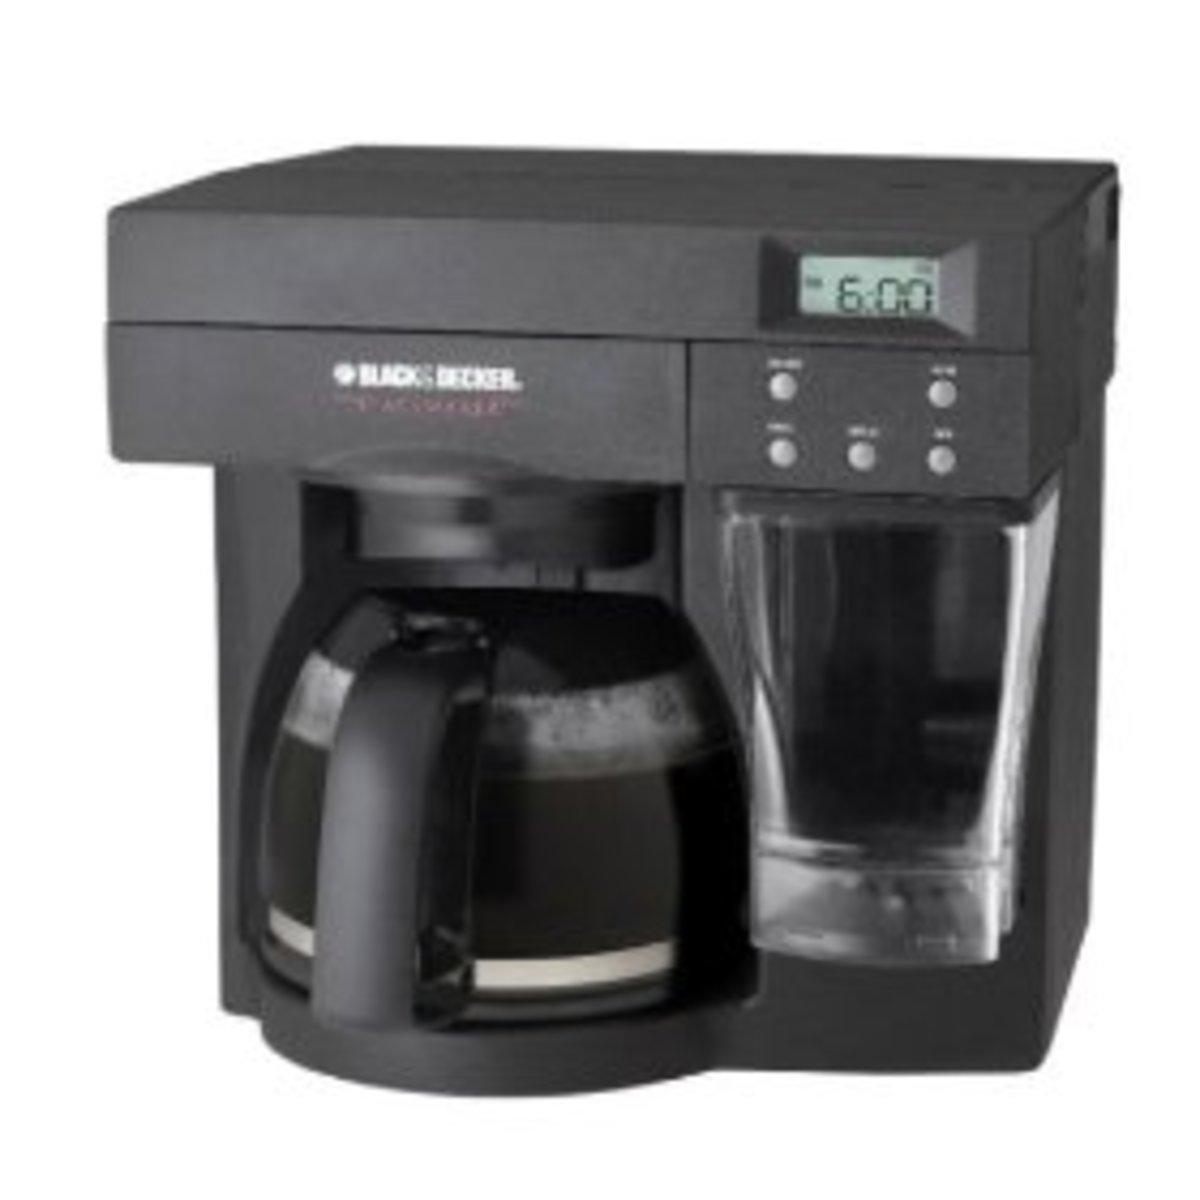 Black & Decker ODC440B Spacemaker Coffeemaker, Black